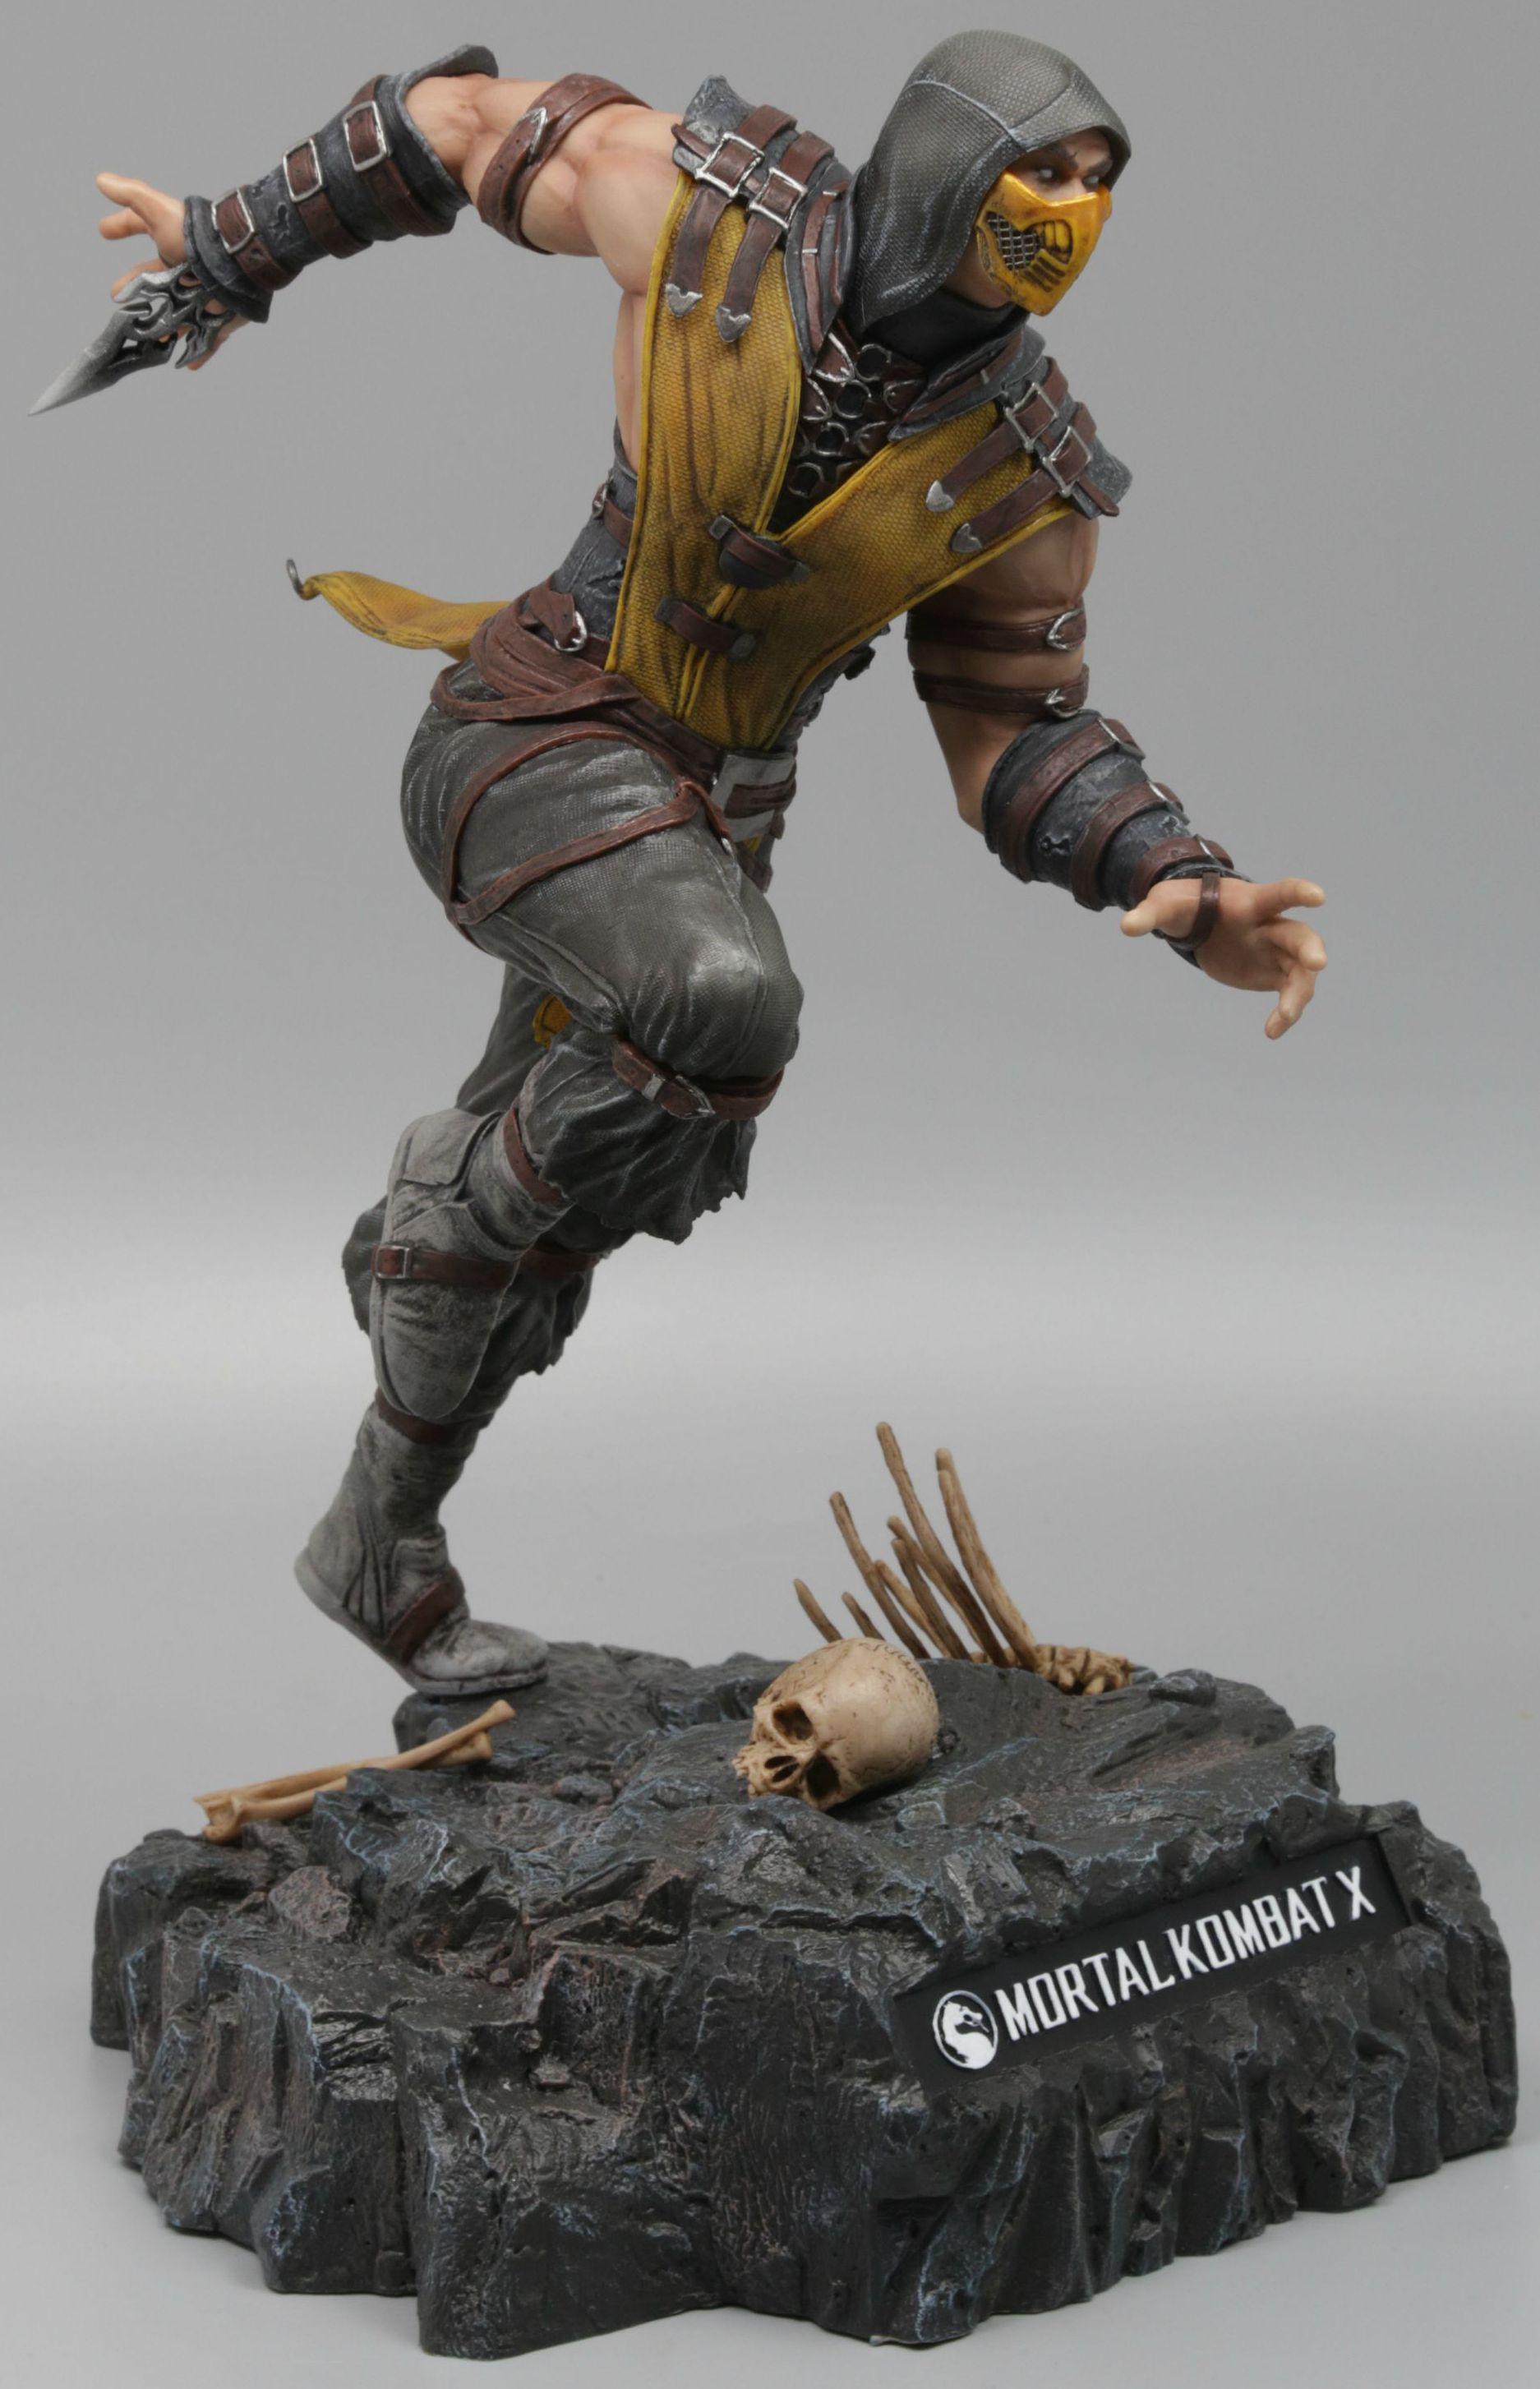 Фигурка Mortal Kombat X: Scorpion (28 см)WB Interactive совместно с Pure Arts представляют фигурку Скорпиона в его классическом стиле, созданную по мотивам последней части культового файтинга Mortal Kombat X!<br>